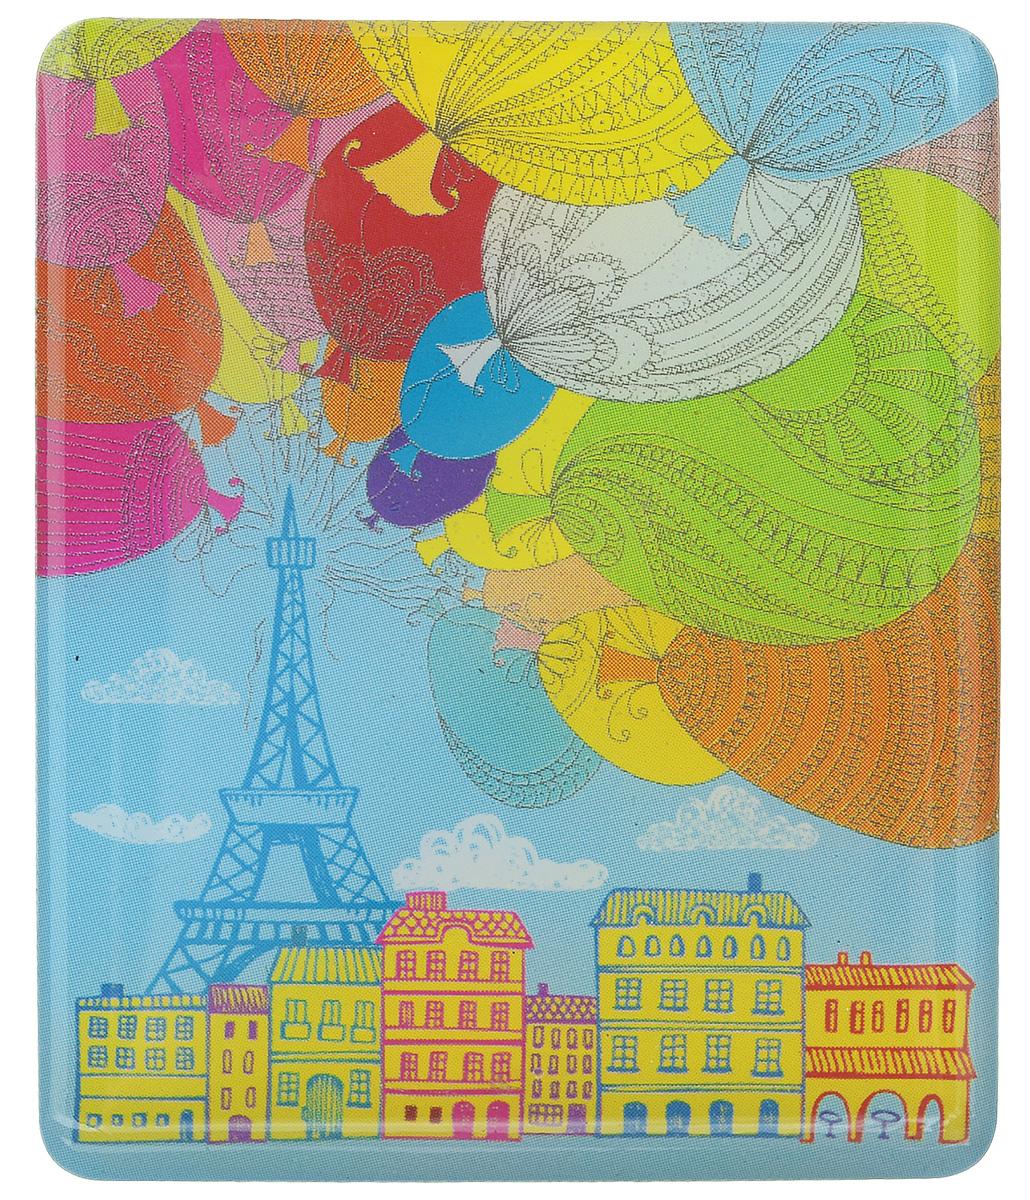 Магнит Феникс-презент Париж, 4,5 x 5,5 см27192Магнит прямоугольной формы Феникс-презент Париж, выполненный из агломерированного феррита, станет приятным штрихом в повседневной жизни. Оригинальный магнит, декорированный изображением Эйфелевой башни и воздушных шаров, поможет вам украсить не только холодильник, но и любую другую магнитную поверхность. Материал: агломерированный феррит.